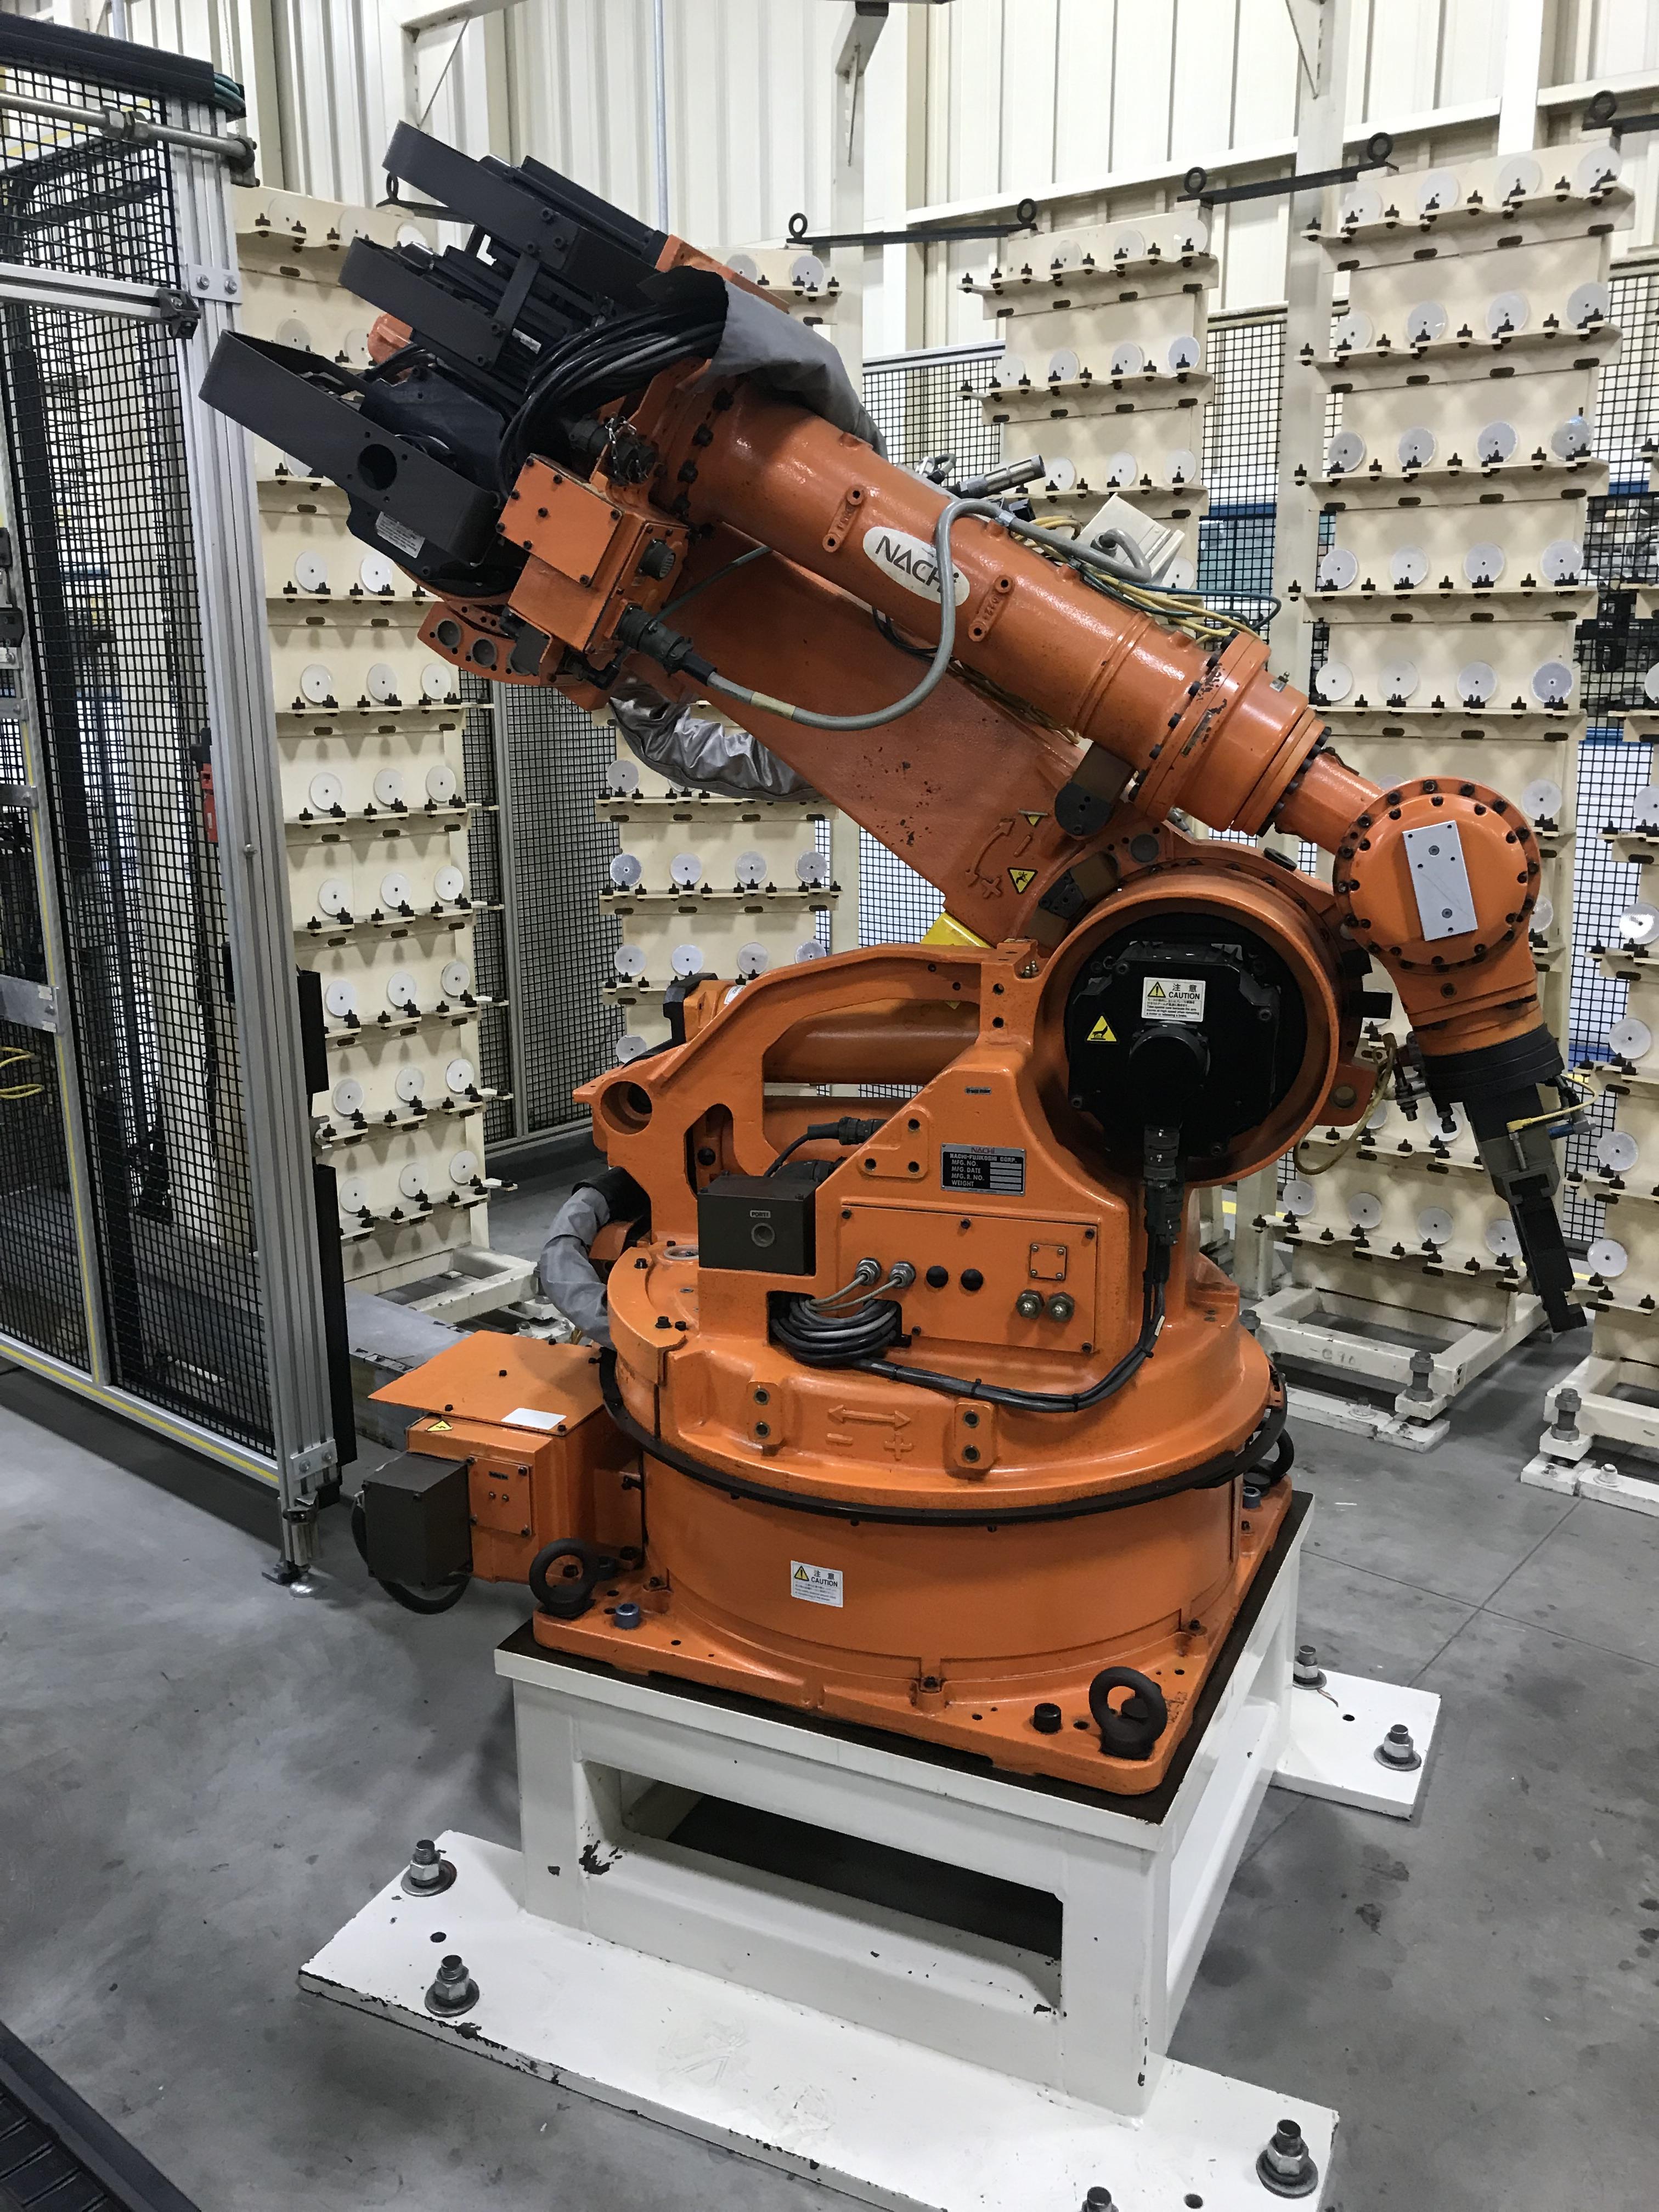 Lot 143 - 2002 Nachi SH-133-01 Robot